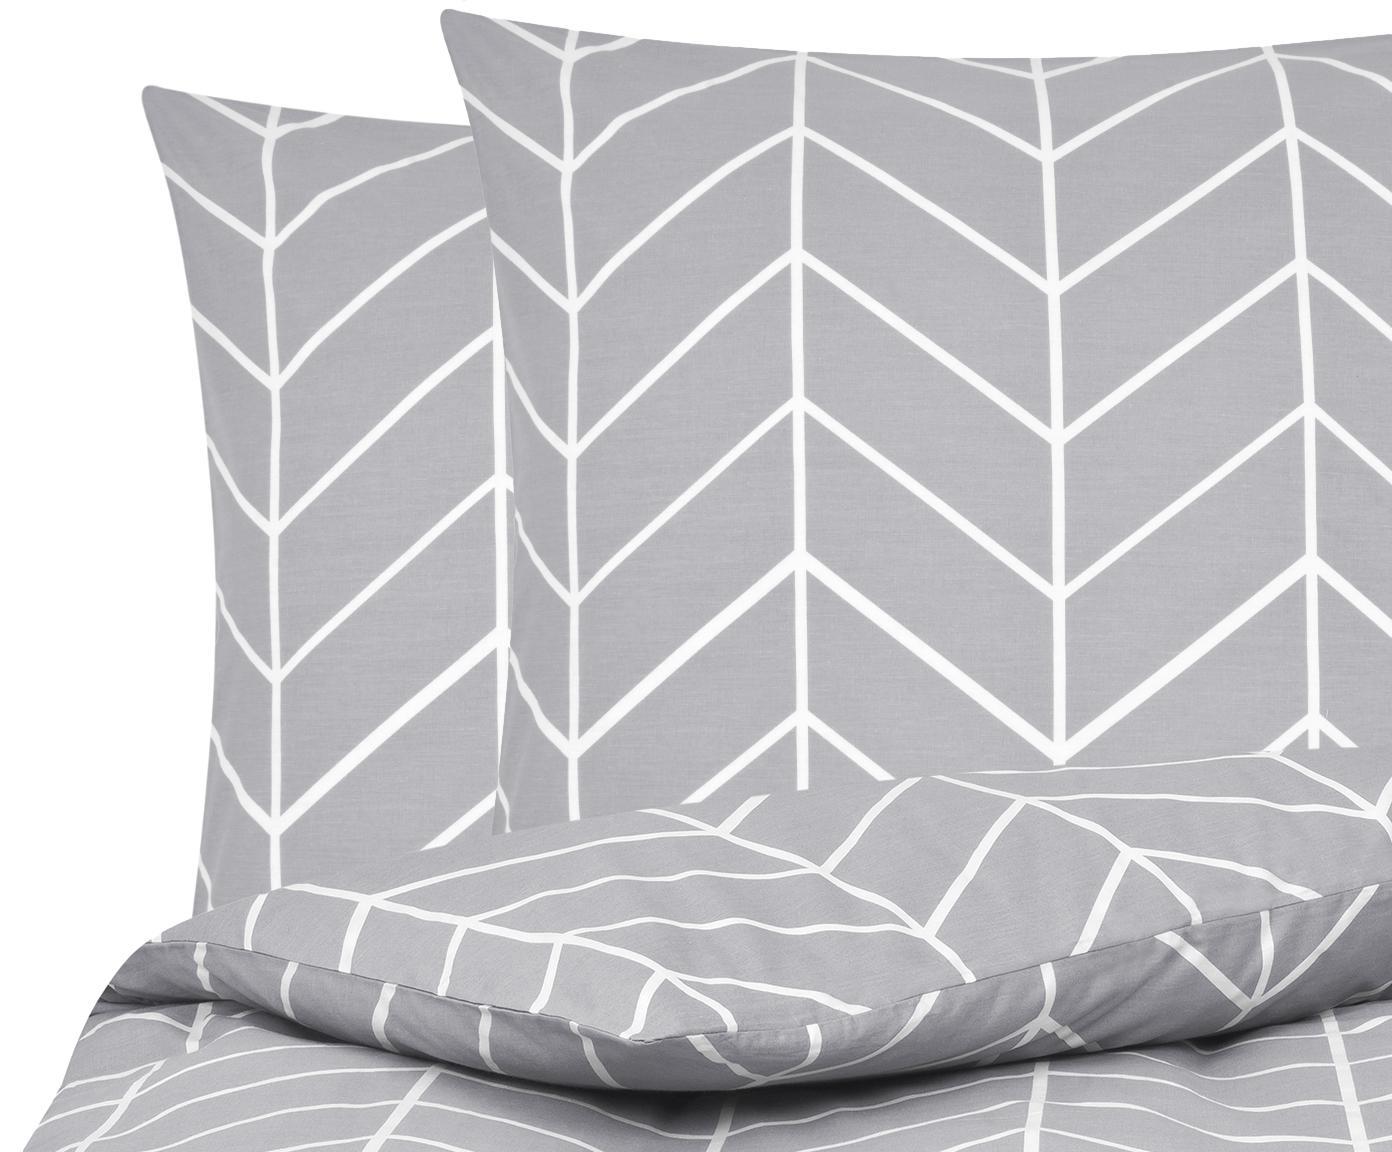 Baumwoll-Bettwäsche Mirja mit grafischem Muster, Webart: Renforcé Fadendichte 144 , Grau, Cremeweiß, 240 x 220 cm + 2 Kissen 80 x 80 cm